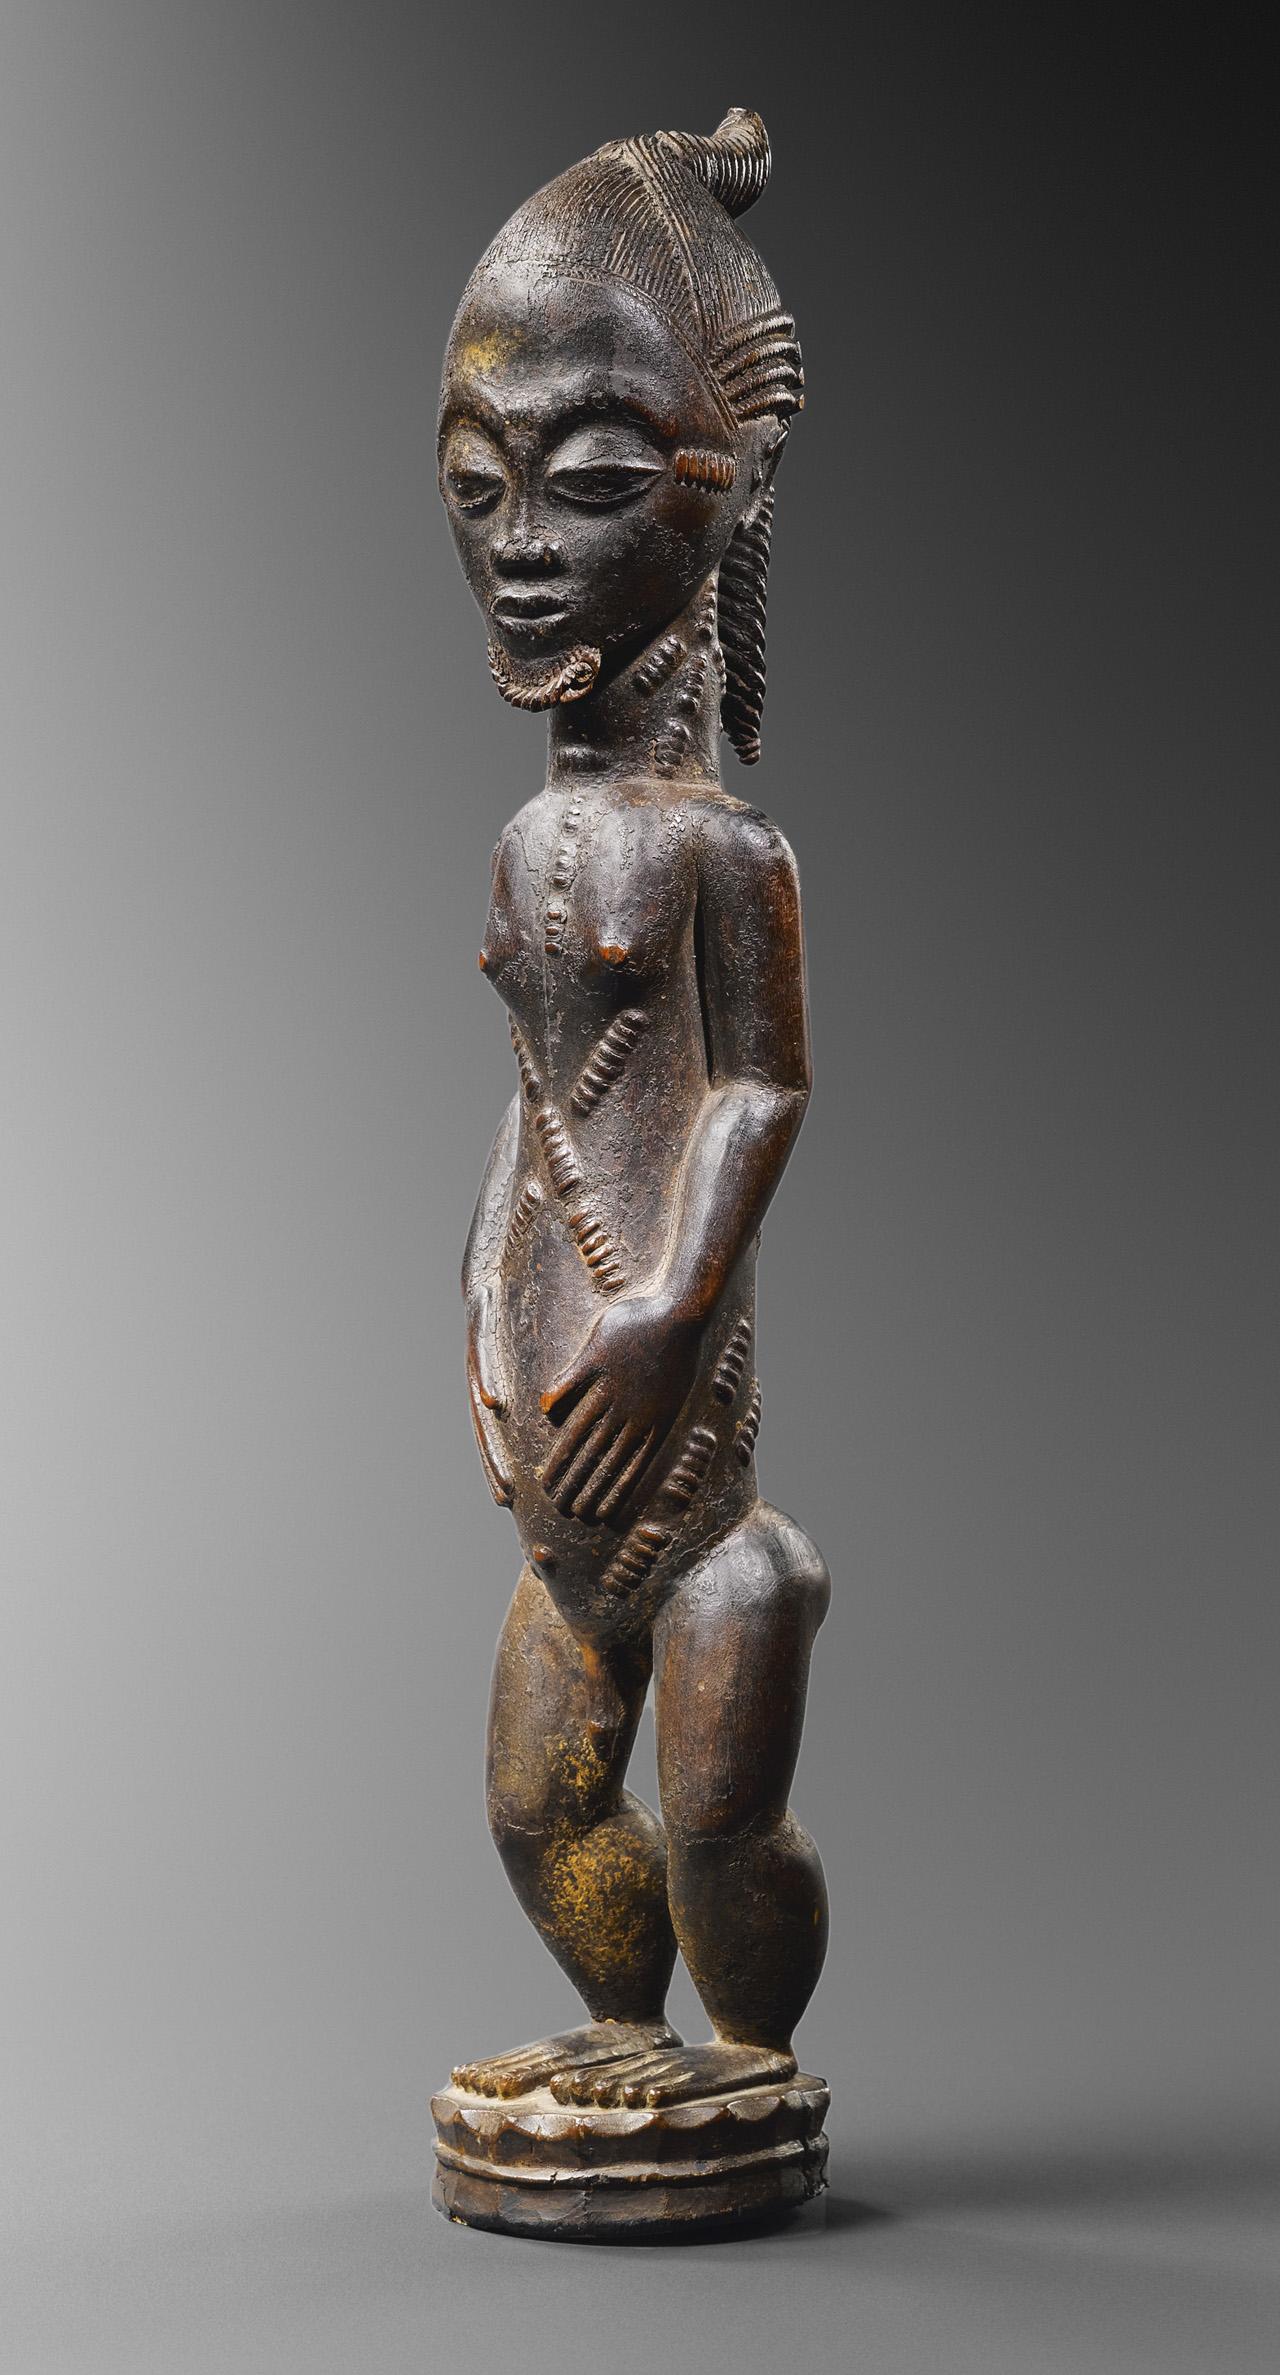 """Baoulé (Ivory Coast) """"Statuette de conjoint mystique blolo bian"""" (circa 19th century) (© rights reserved Musée Dapper, Paris)"""